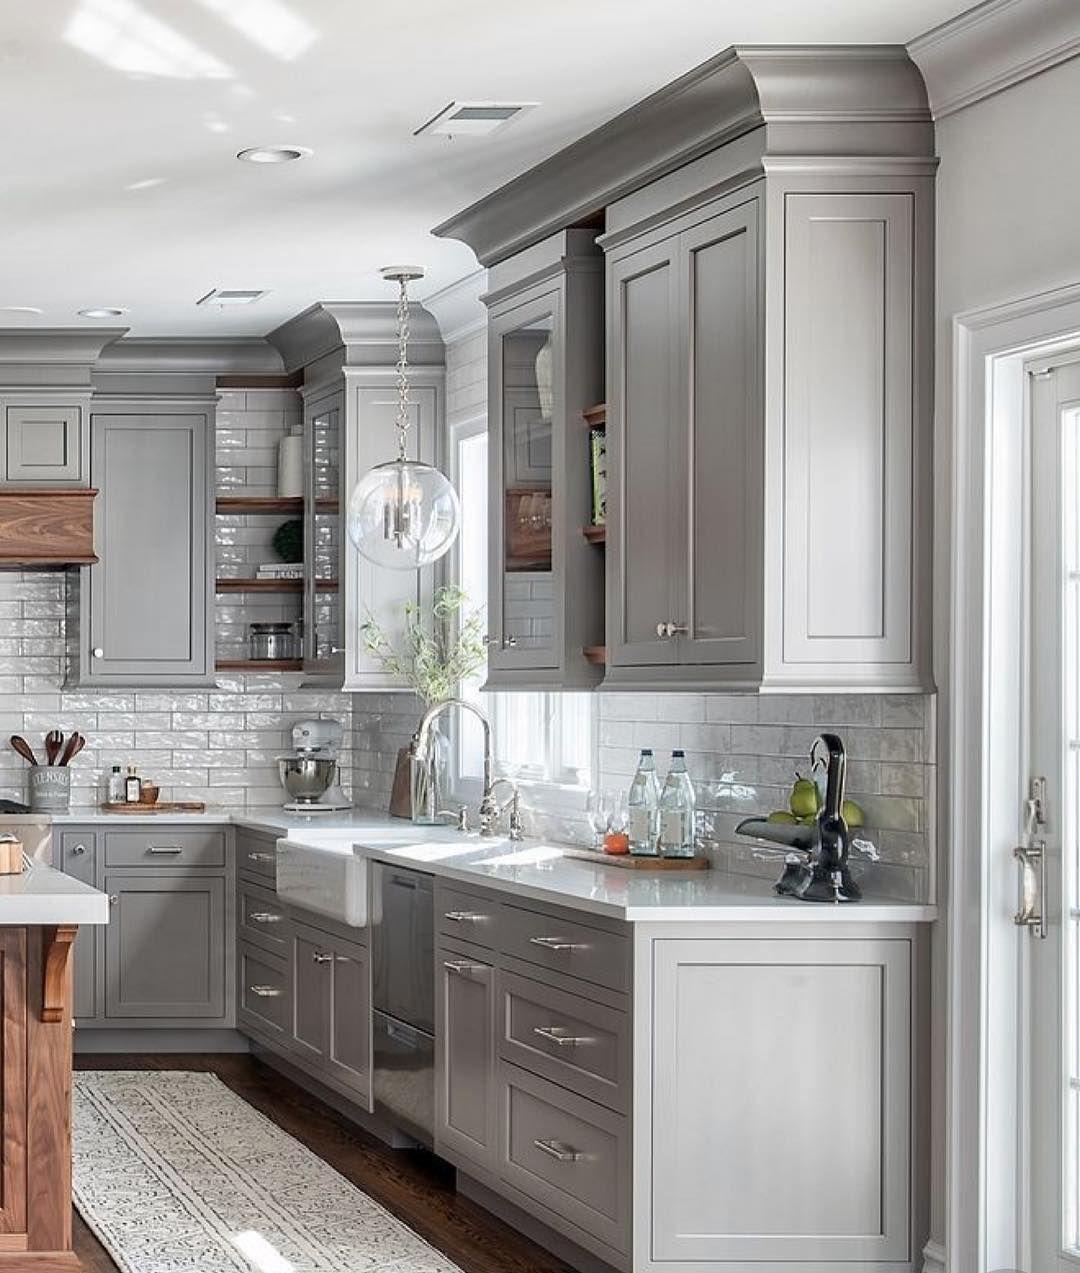 Pin by karen weiss on kitchen in pinterest kitchen house